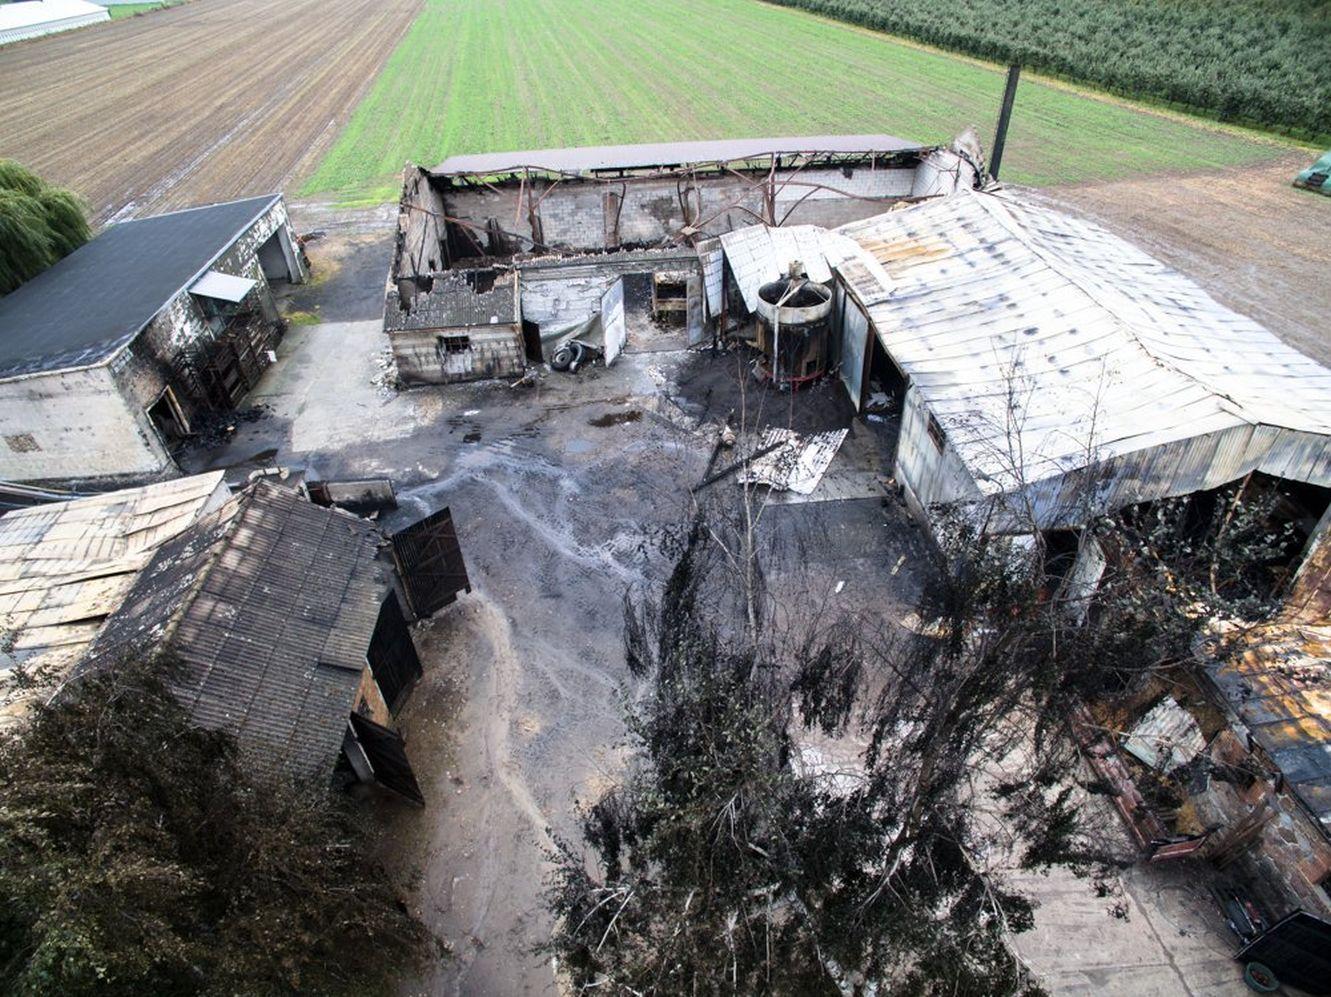 """Gigantyczny pożar na wsi, spłonęła część gospodarstwa. """"Ta tragedia nami wstrząsnęła"""" [ZDJĘCIA] - Zdjęcie główne"""